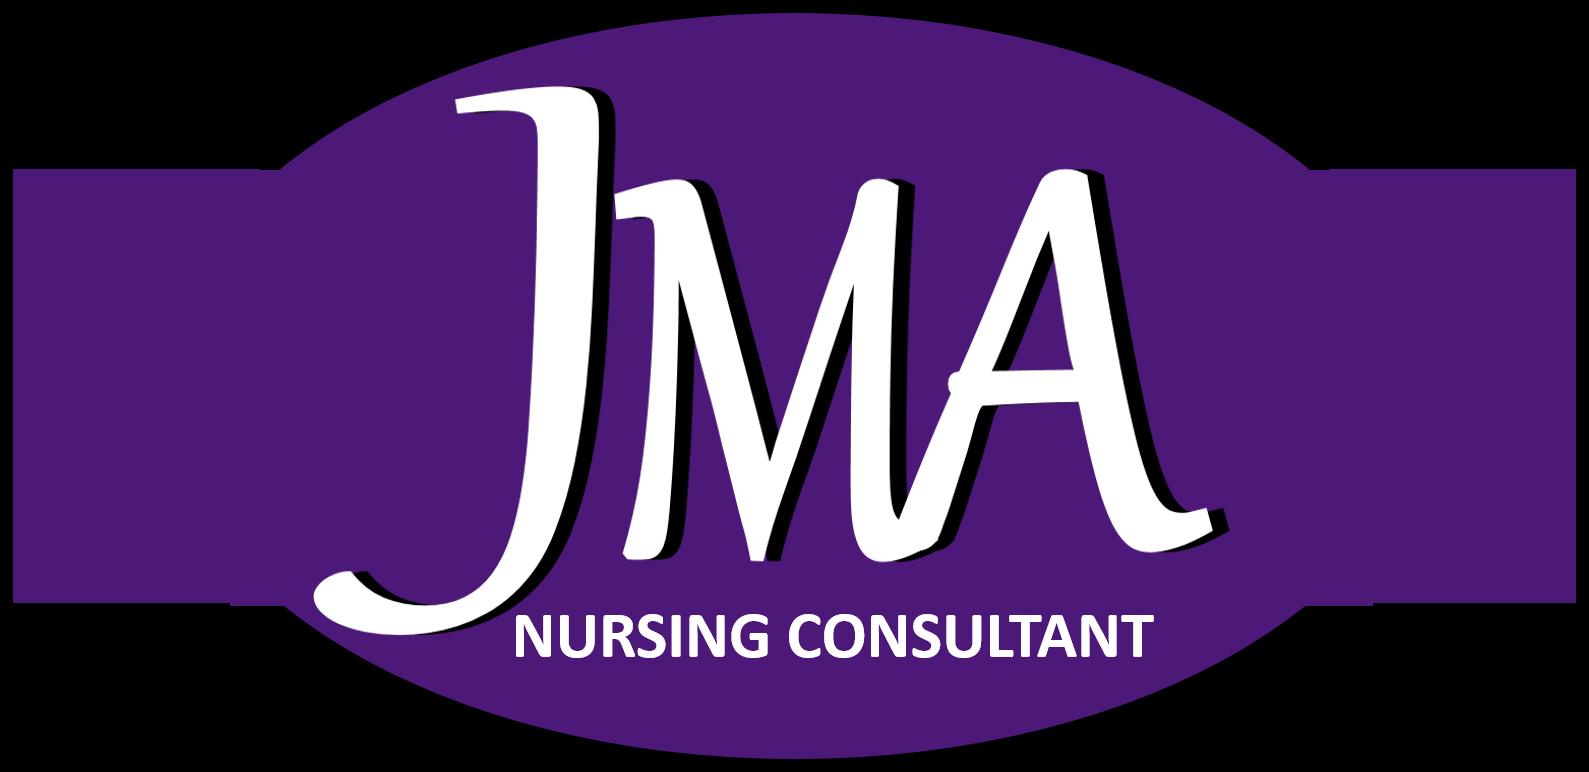 JMA Nursing Consultant